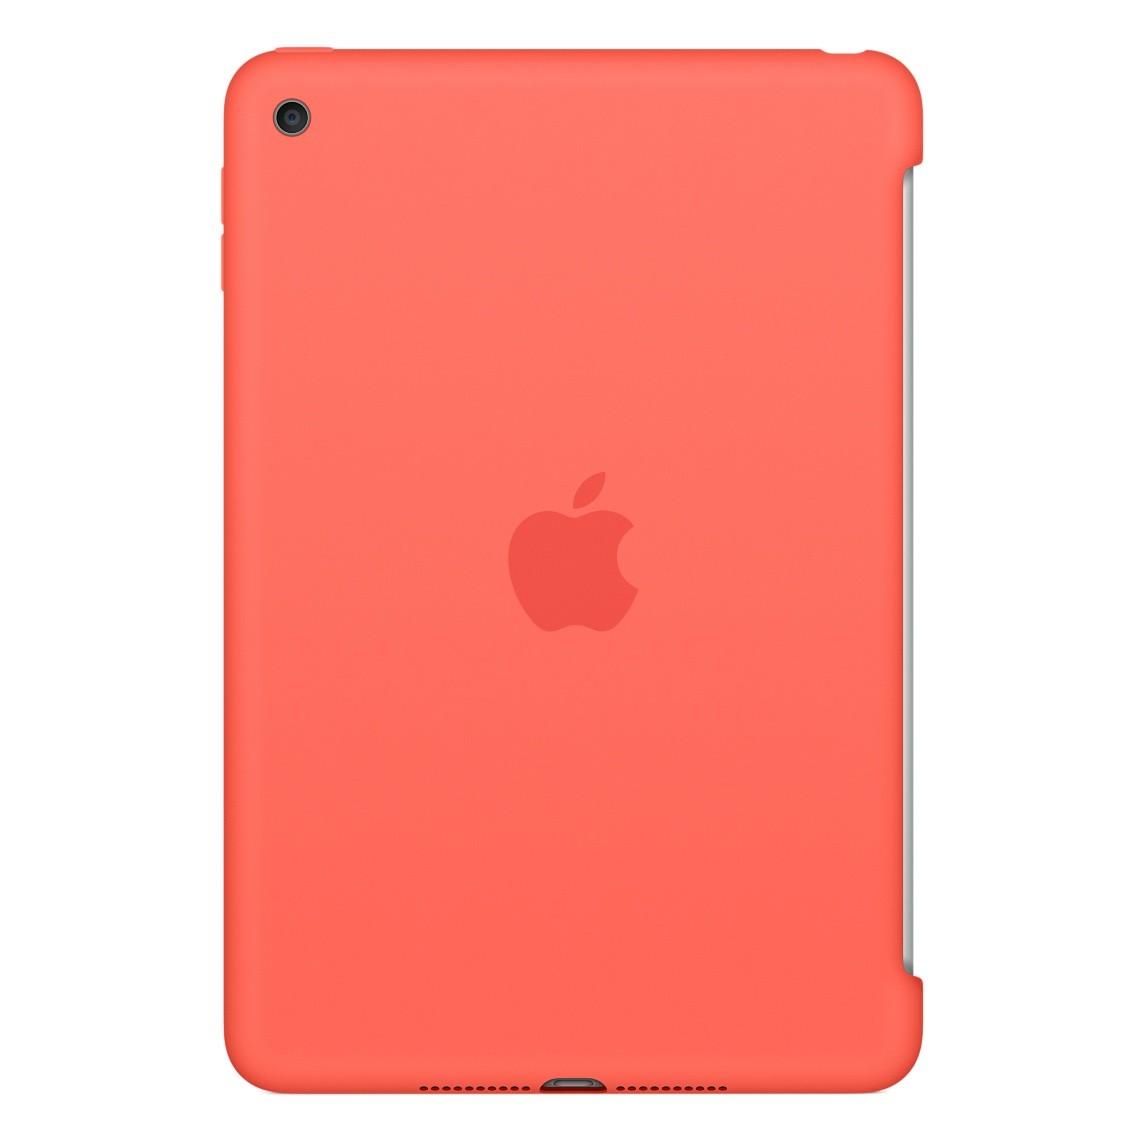 Silikonové pouzdro na iPad mini 4 - meruňkové